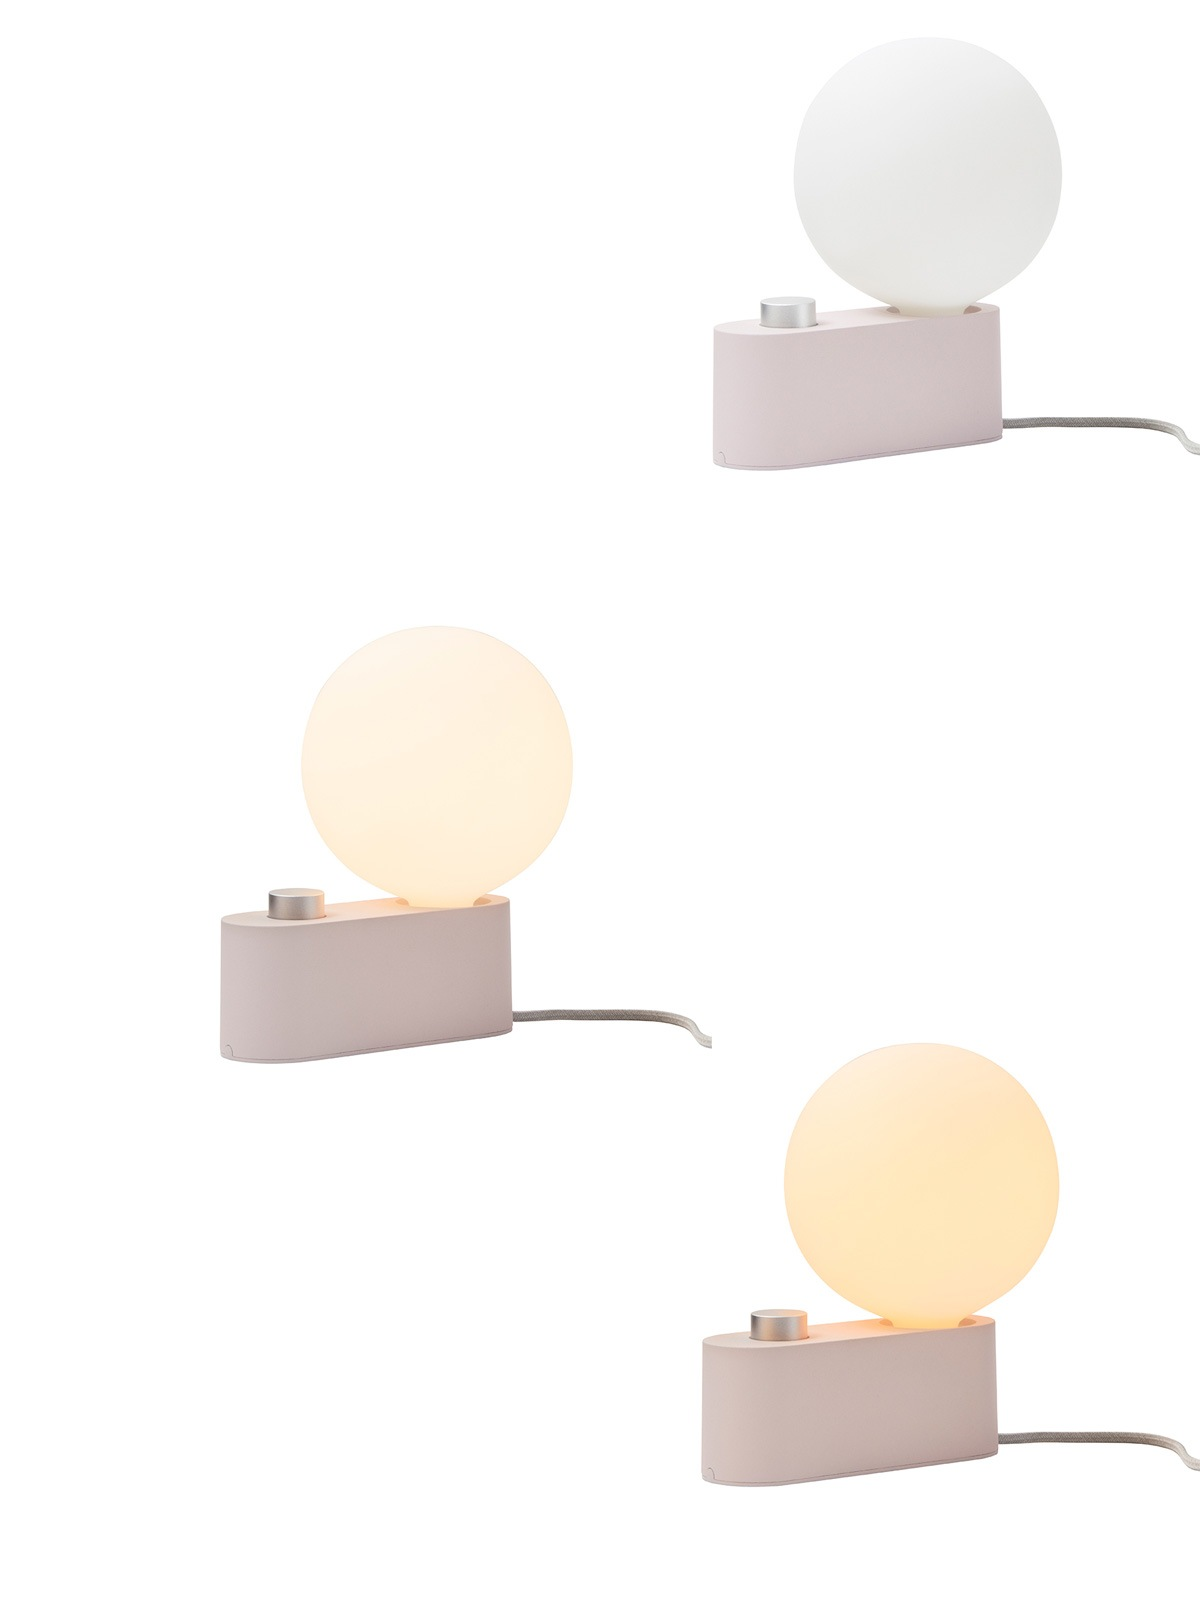 Tala Alumina Table Tischleuchte Designort Leuchten Onlineshop Berlin